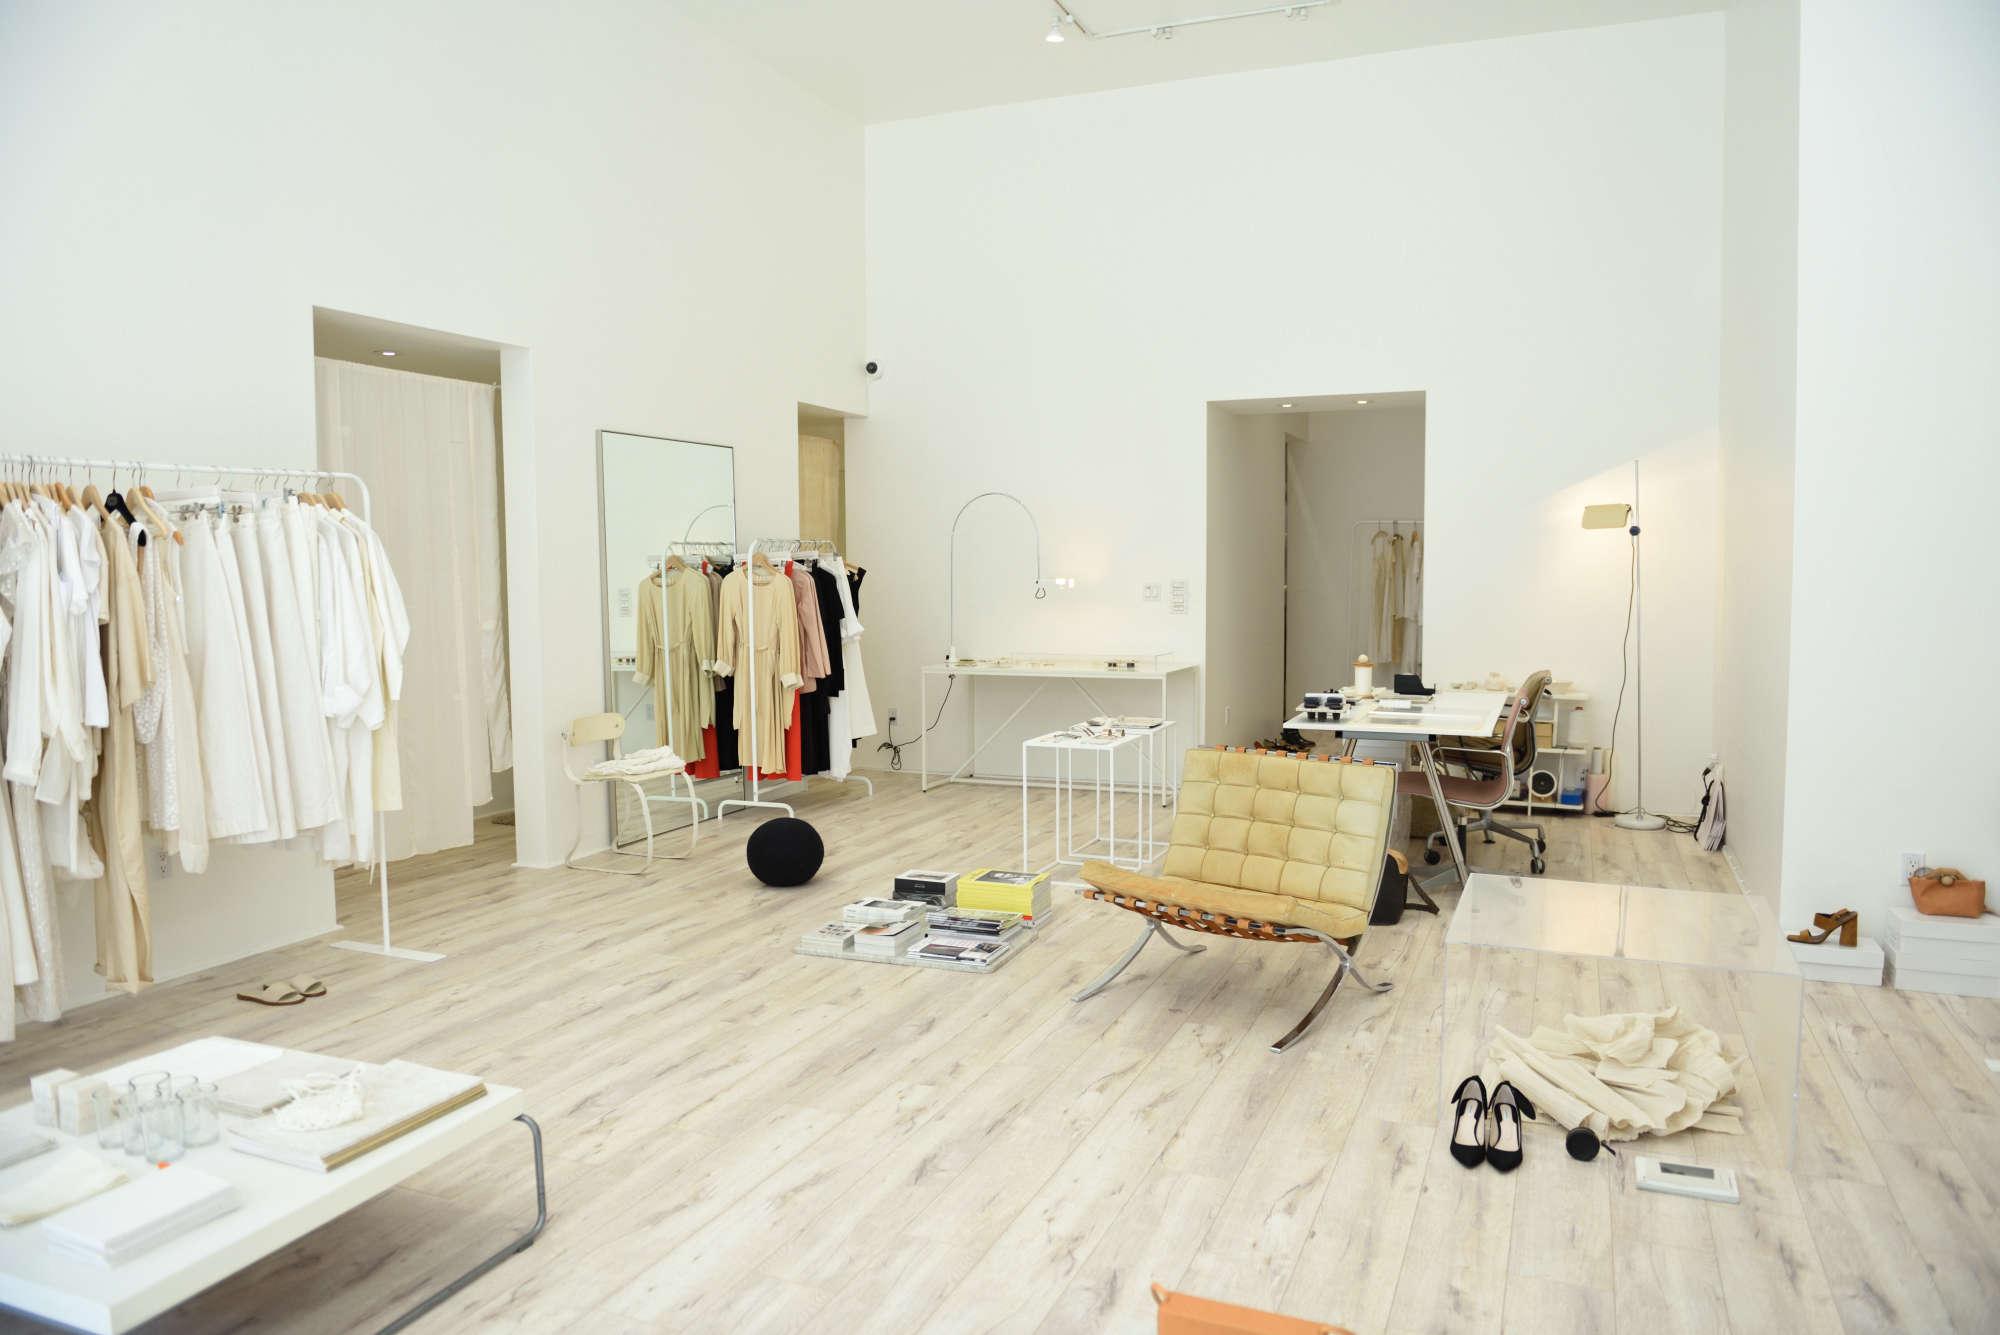 anaise shop san francisco remodelista 2 9